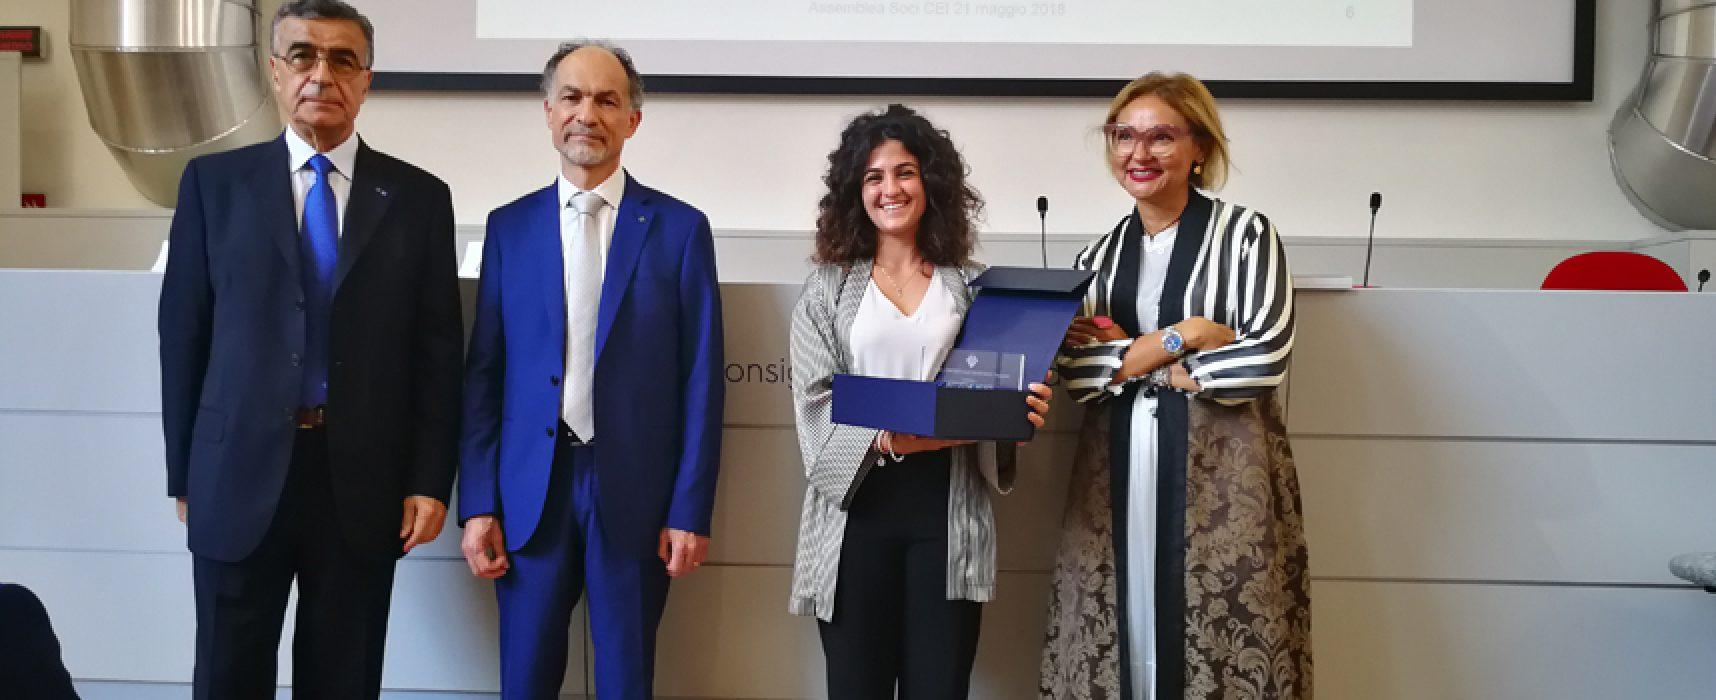 Premio Cei 2017: miglior tesi di laurea alla biscegliese Rossella Musci